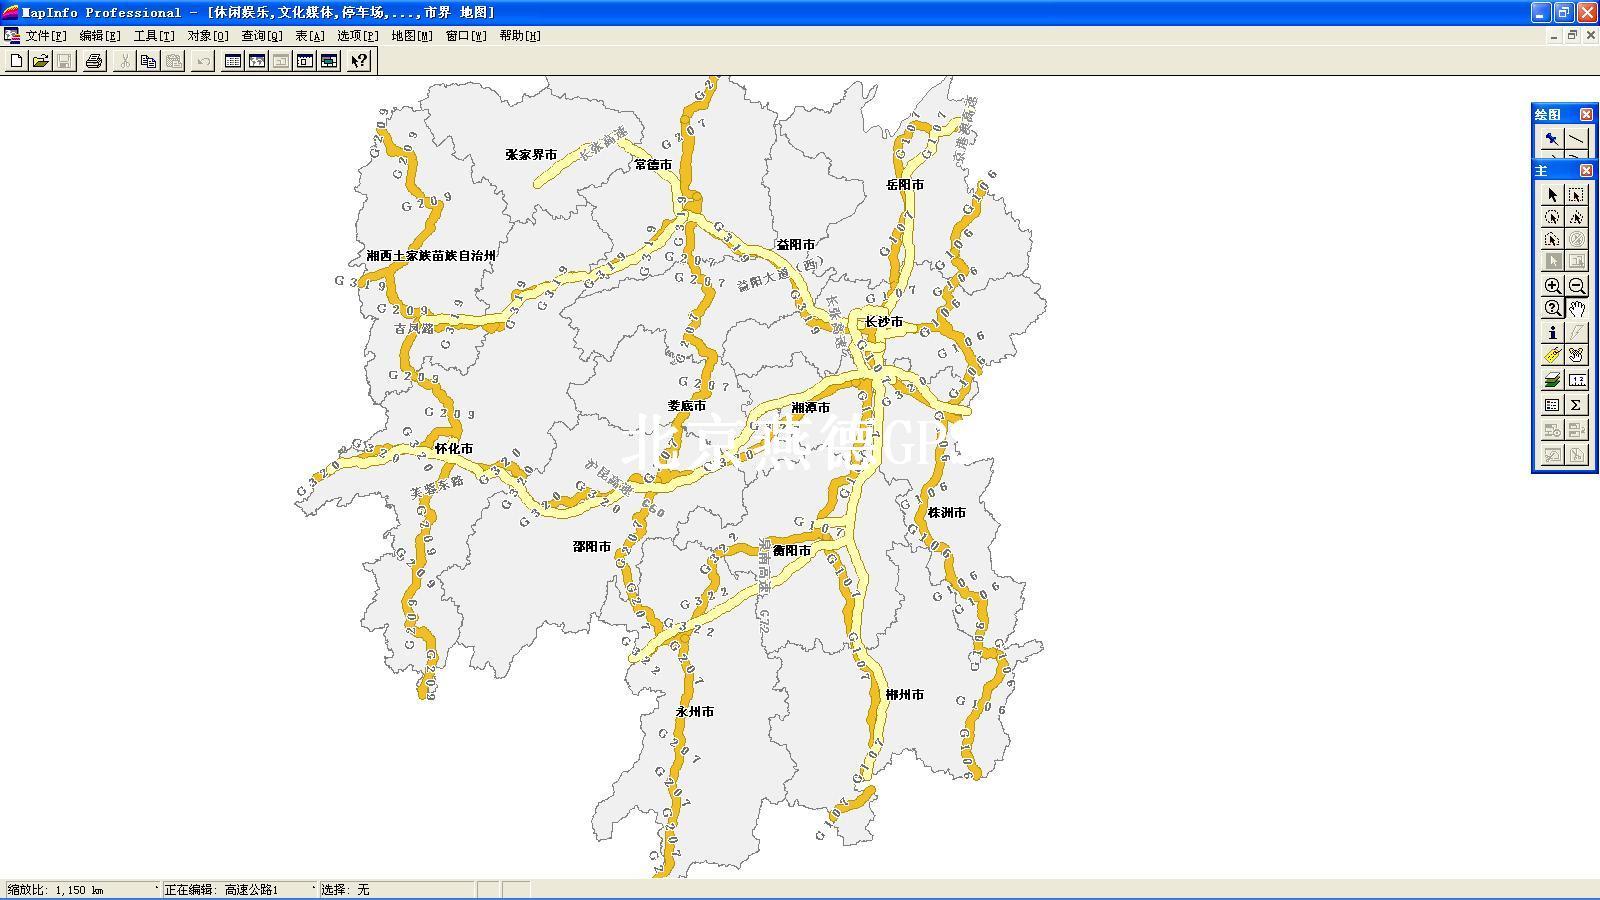 地图 哈尔滨市地图 长春市地图